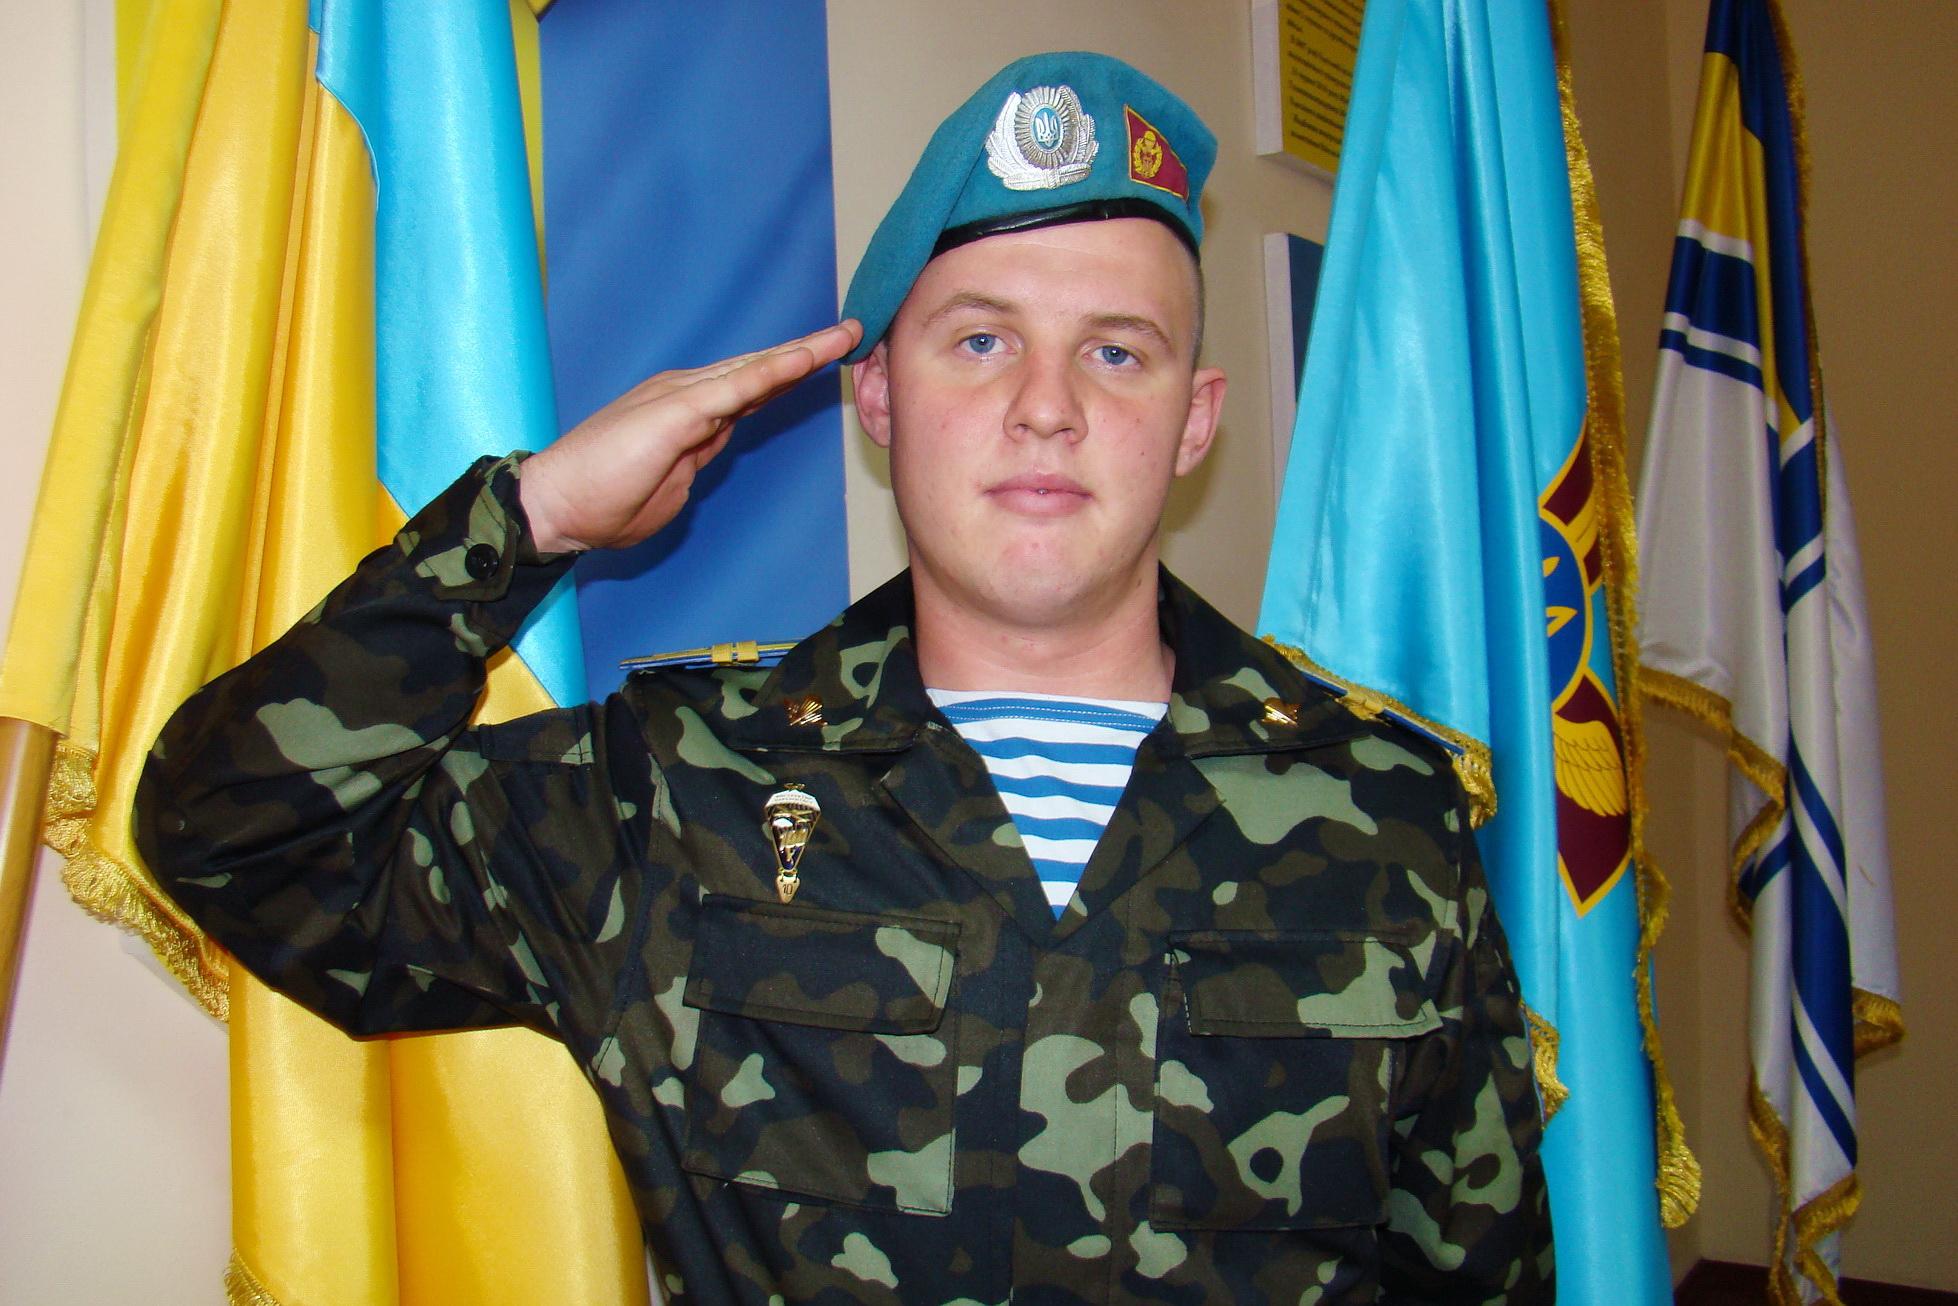 Сержант СпН ВДВ в повседневном костюме